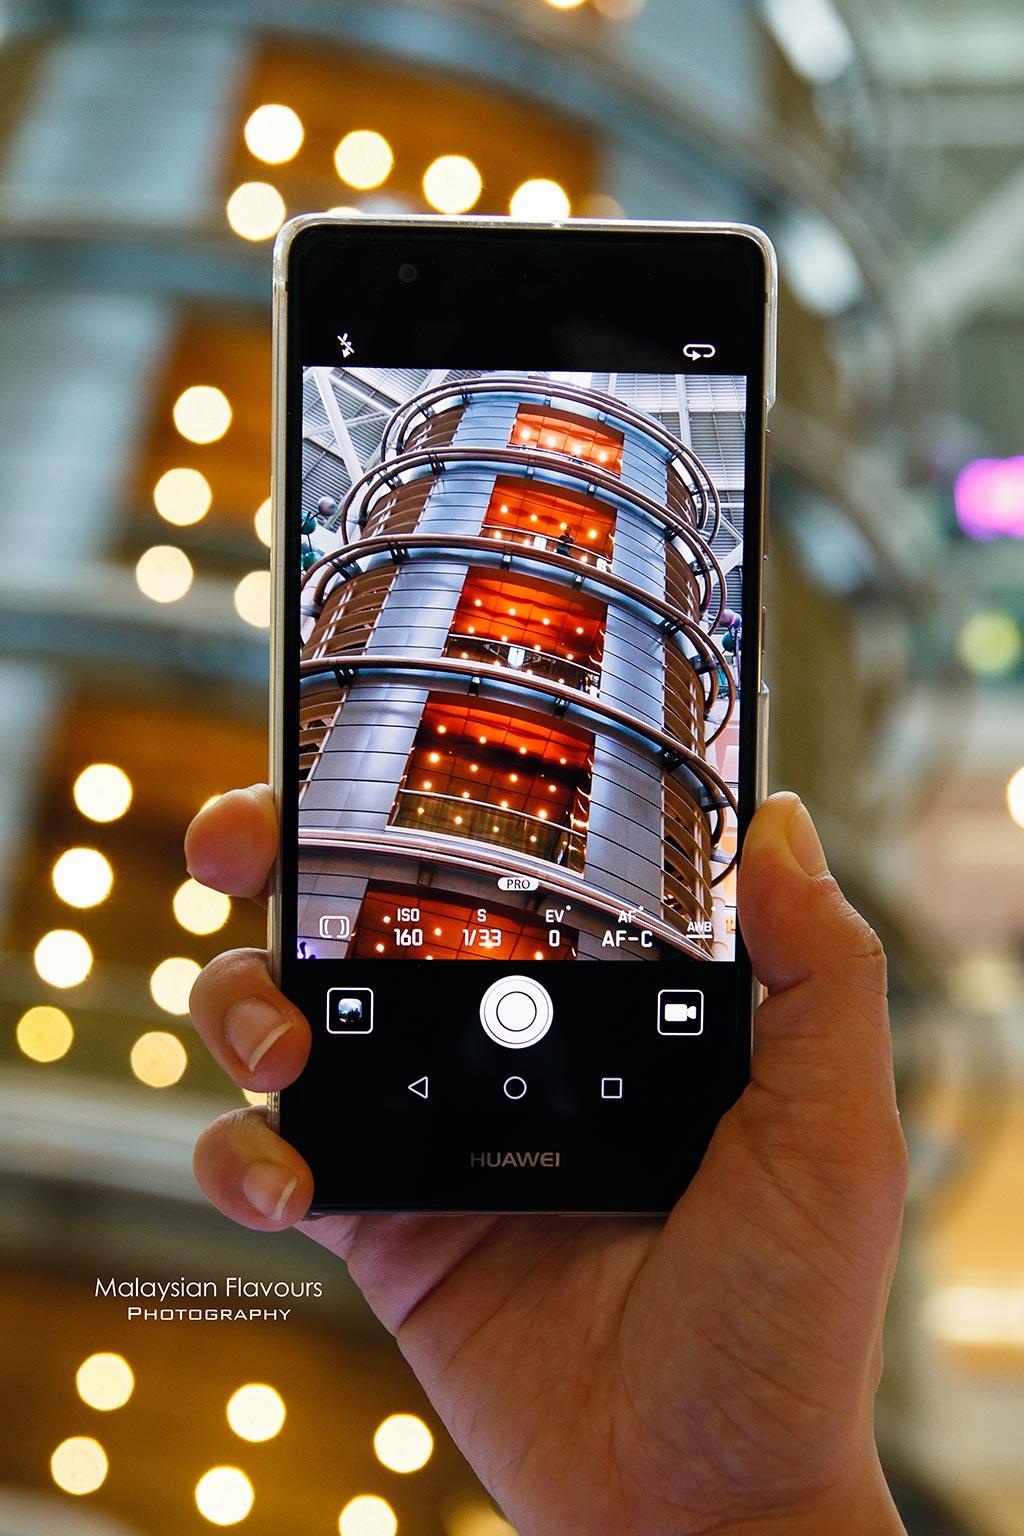 Huawei P9 leica dual camera smartphone